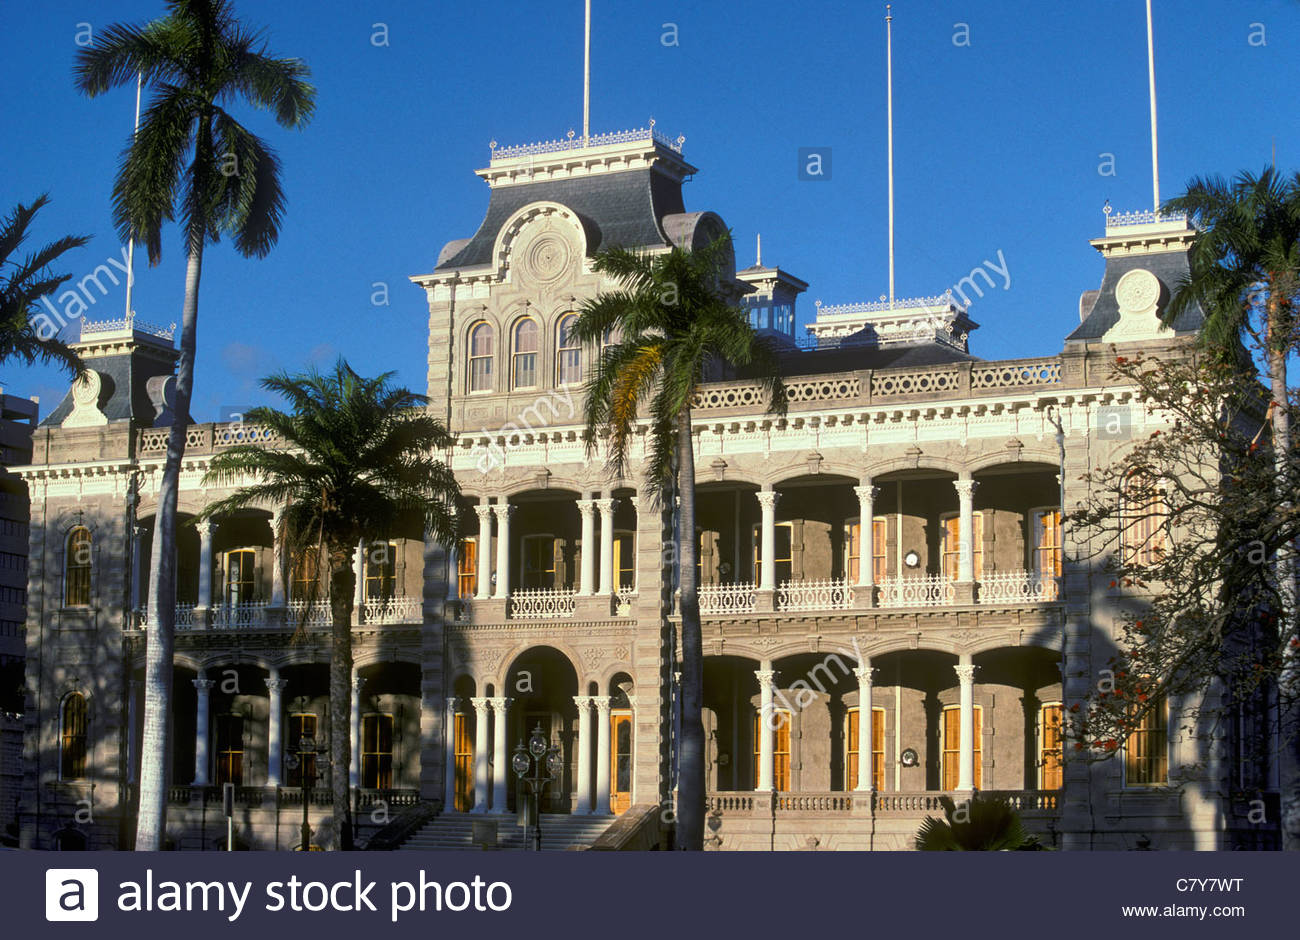 Palais Iolani, le seul palais royal aux Etats-Unis; le centre-ville quartier historique, Honolulu, Oahu, Hawaii. Banque D'Images